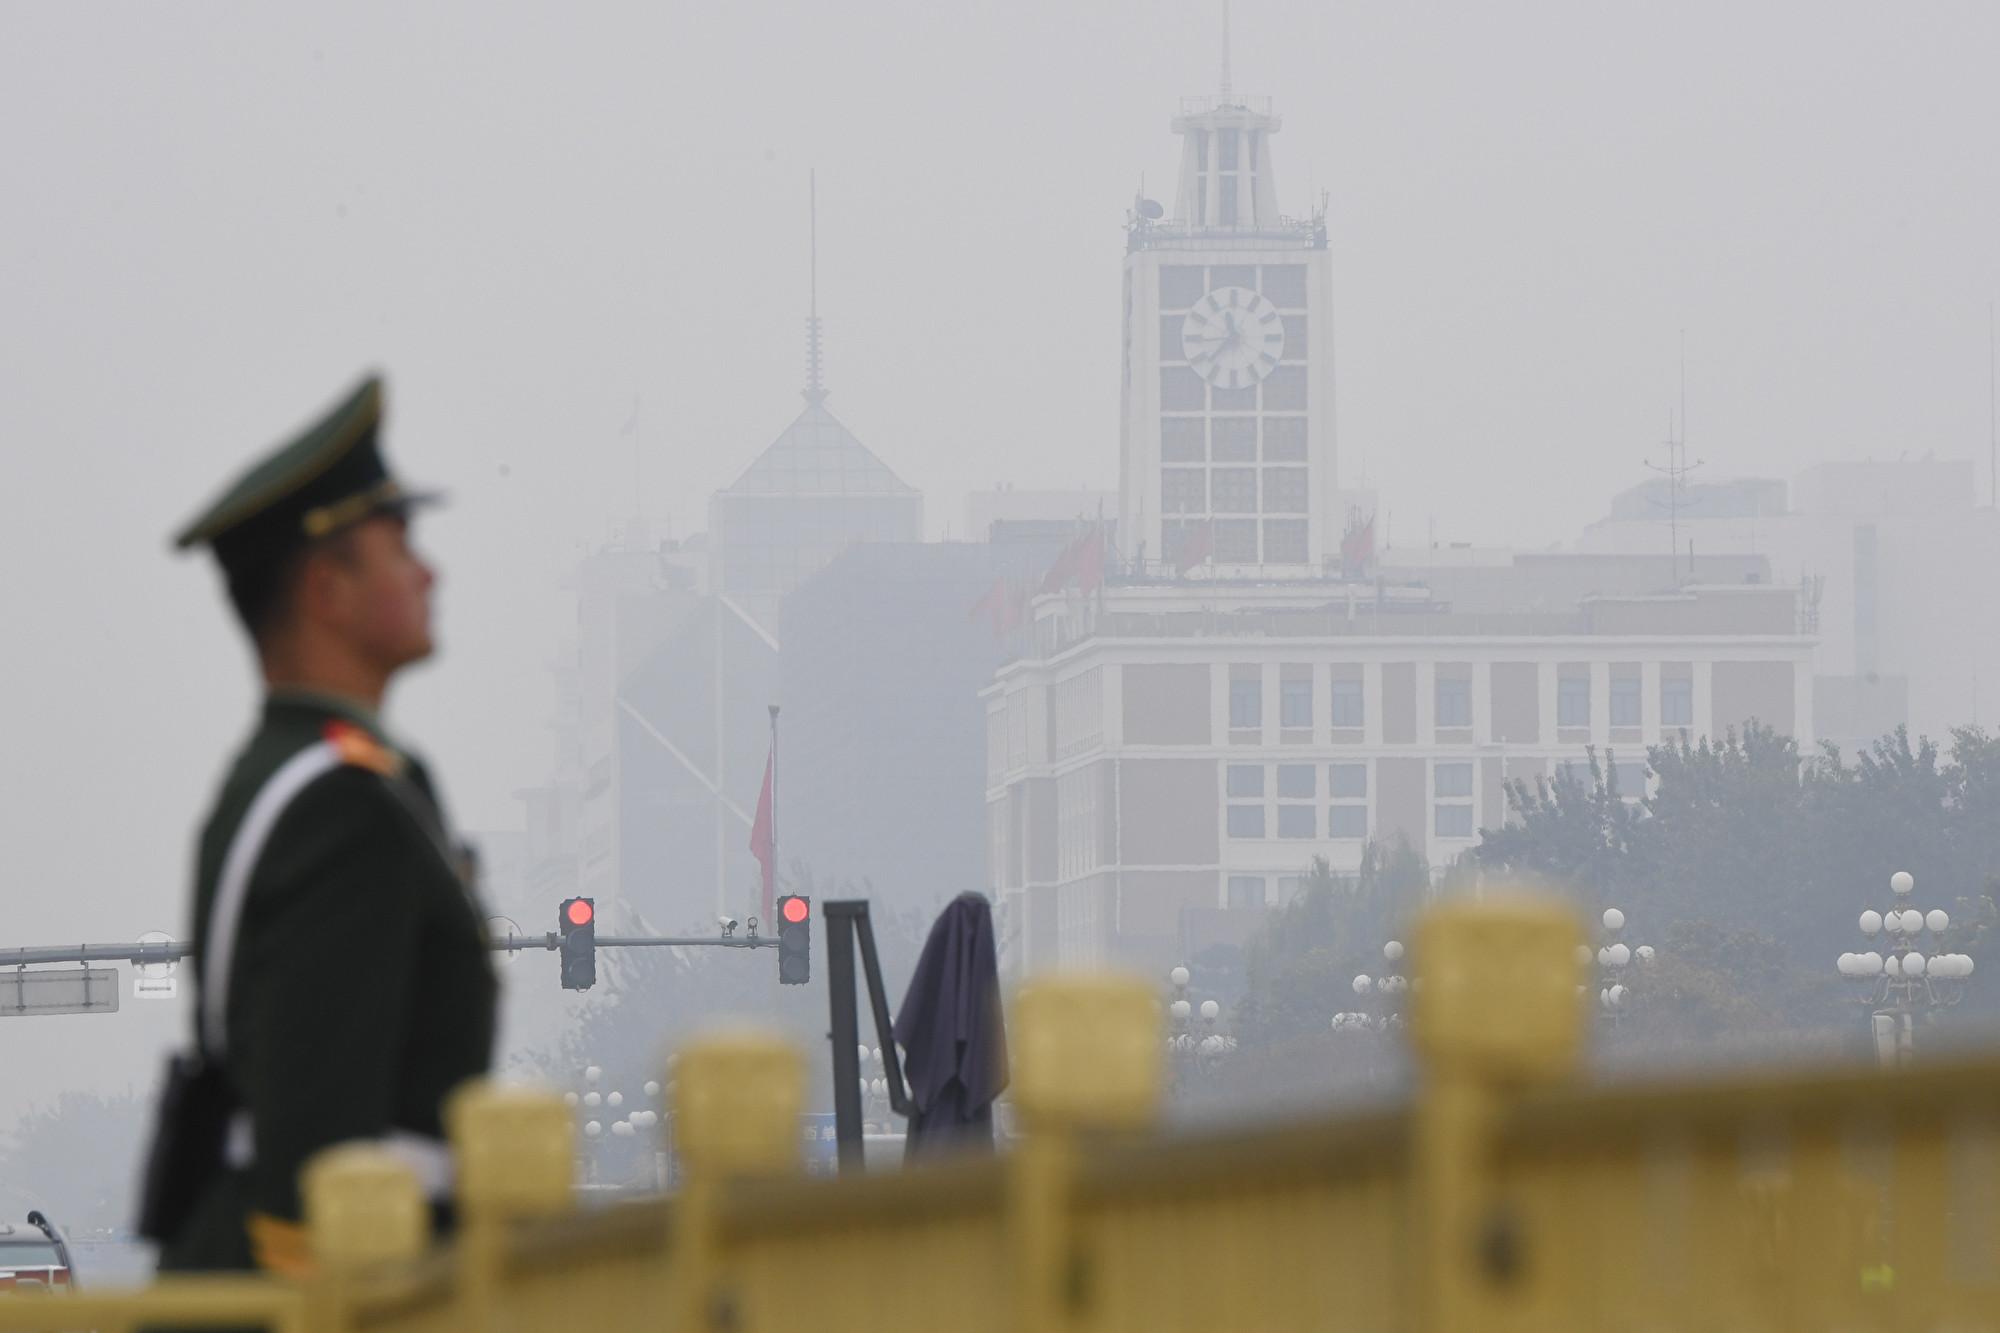 美國作家戈裏(James Gorrie)在英文大紀元撰文說,中共建政70年來所施行的共產主義帶給人民無盡的苦難。圖為2017年10月25日,北京天安門廣場上的一名衛兵。(GREG BAKER/AFP/Getty Images)